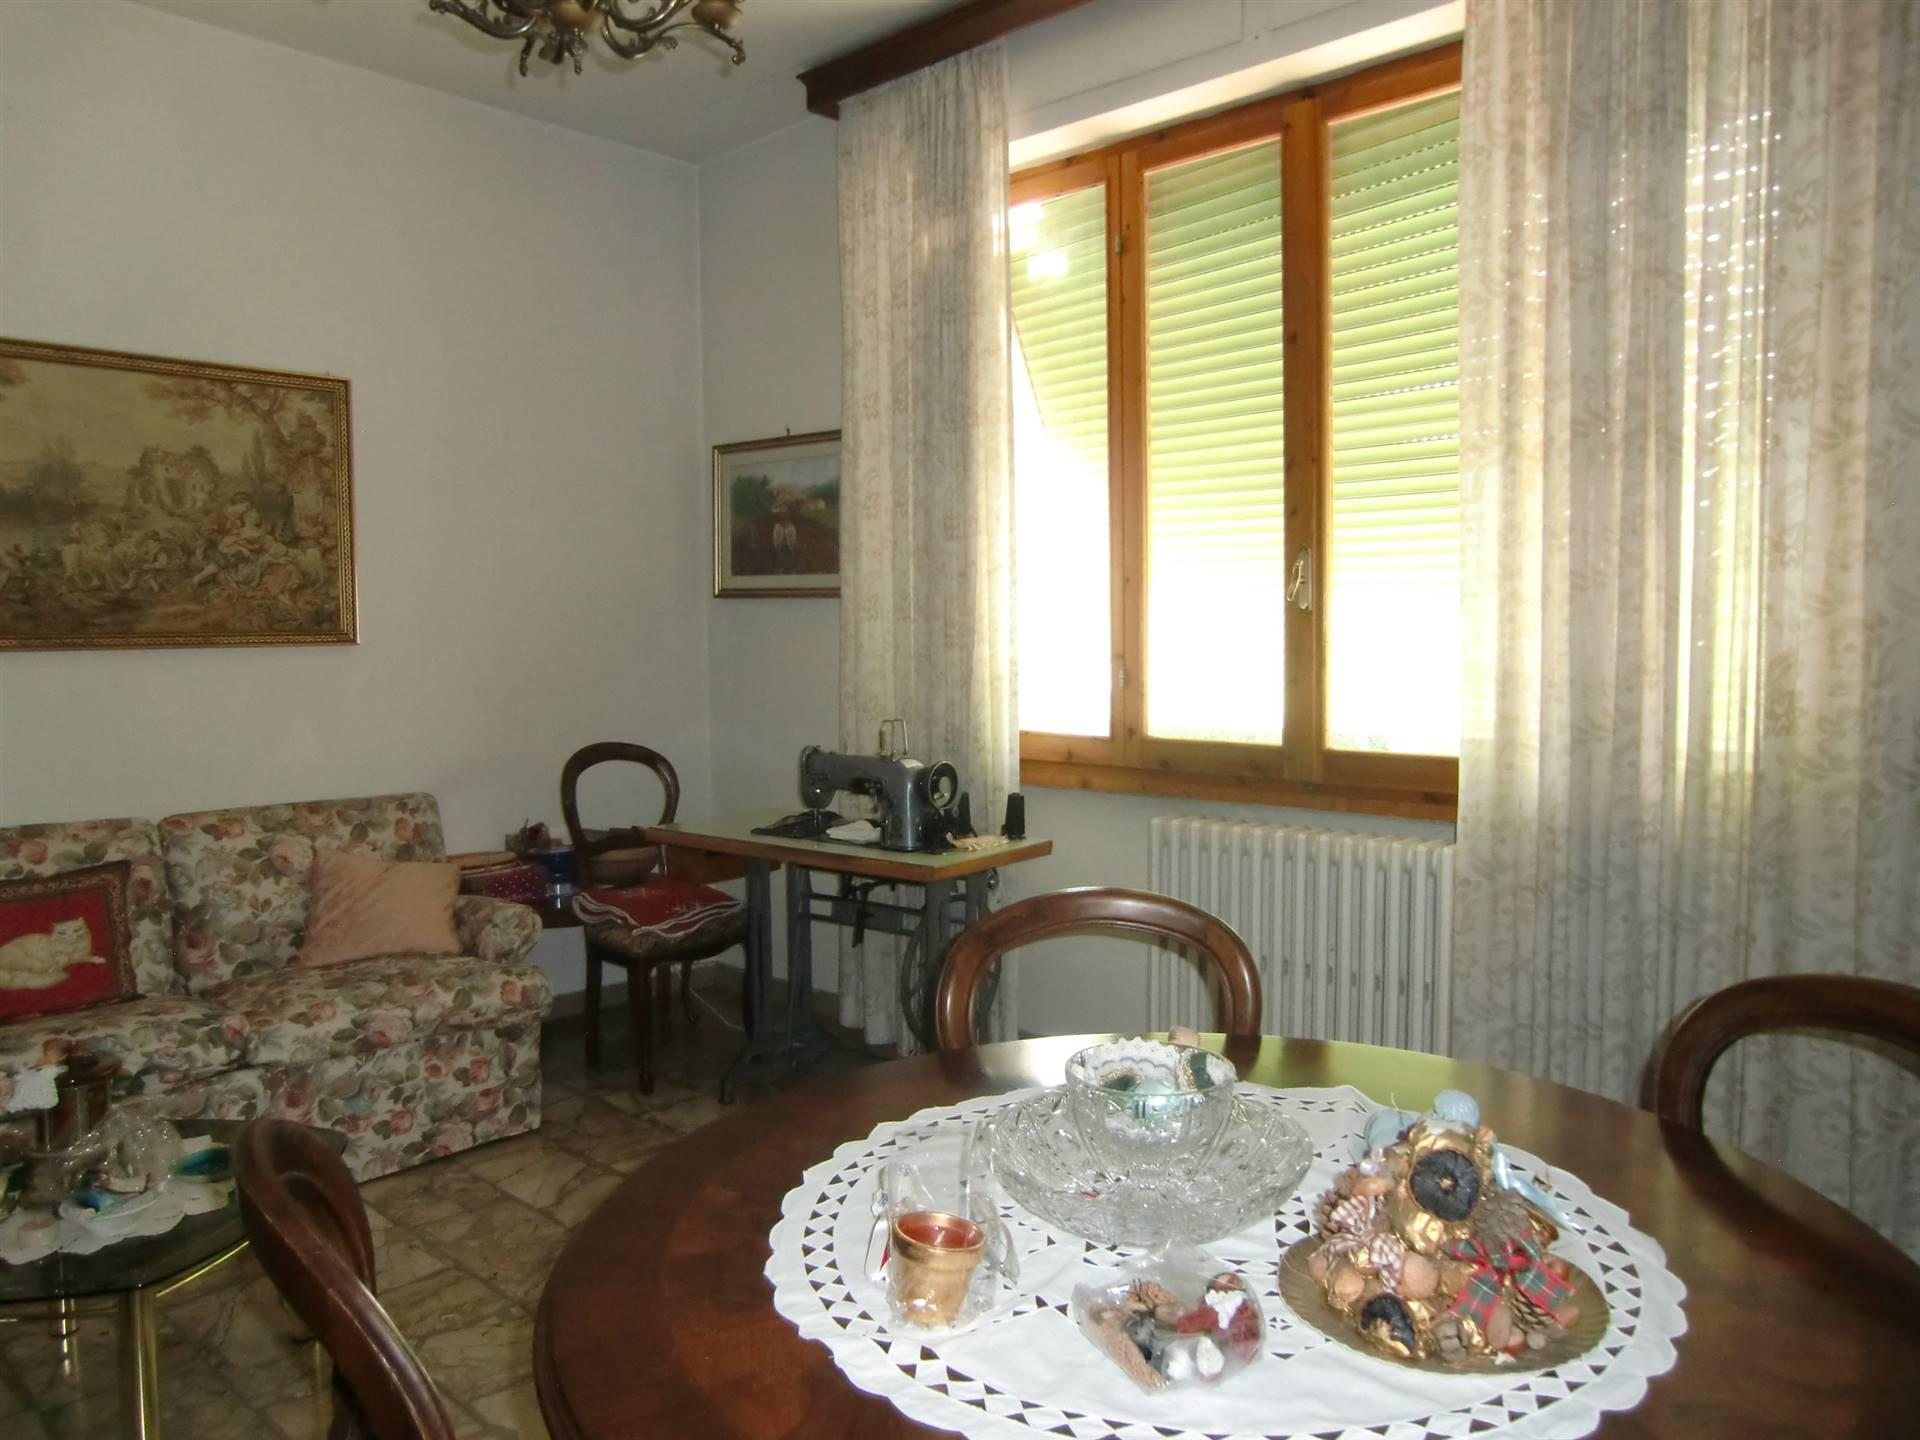 Appartamento in vendita a Reggello, 4 locali, zona ia, prezzo € 135.000 | PortaleAgenzieImmobiliari.it